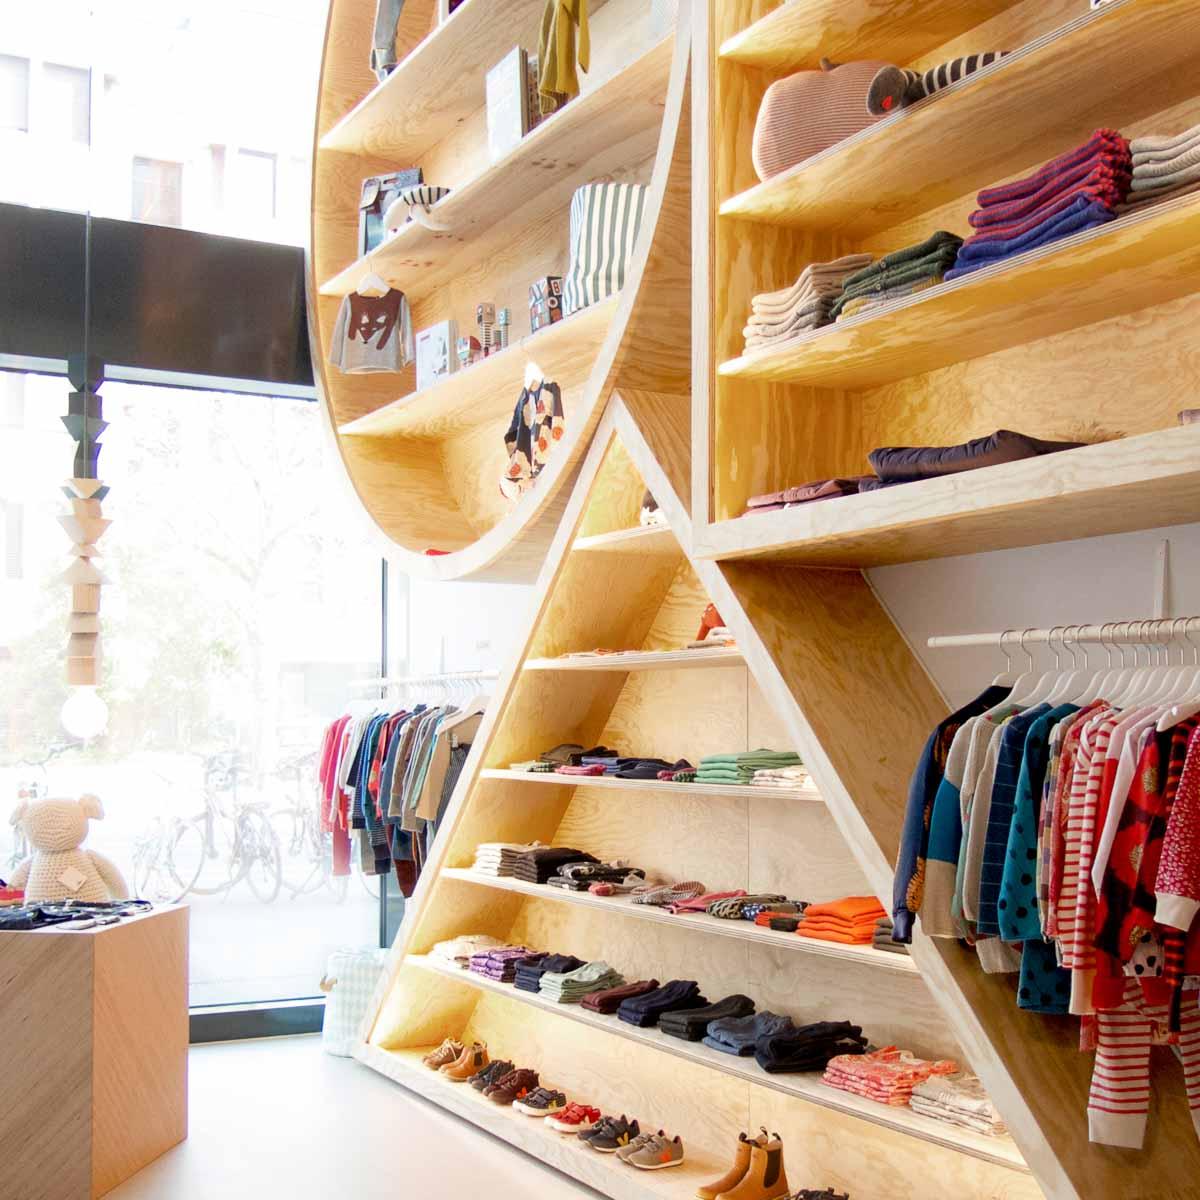 Kids Store Making Little Things Zürich-2